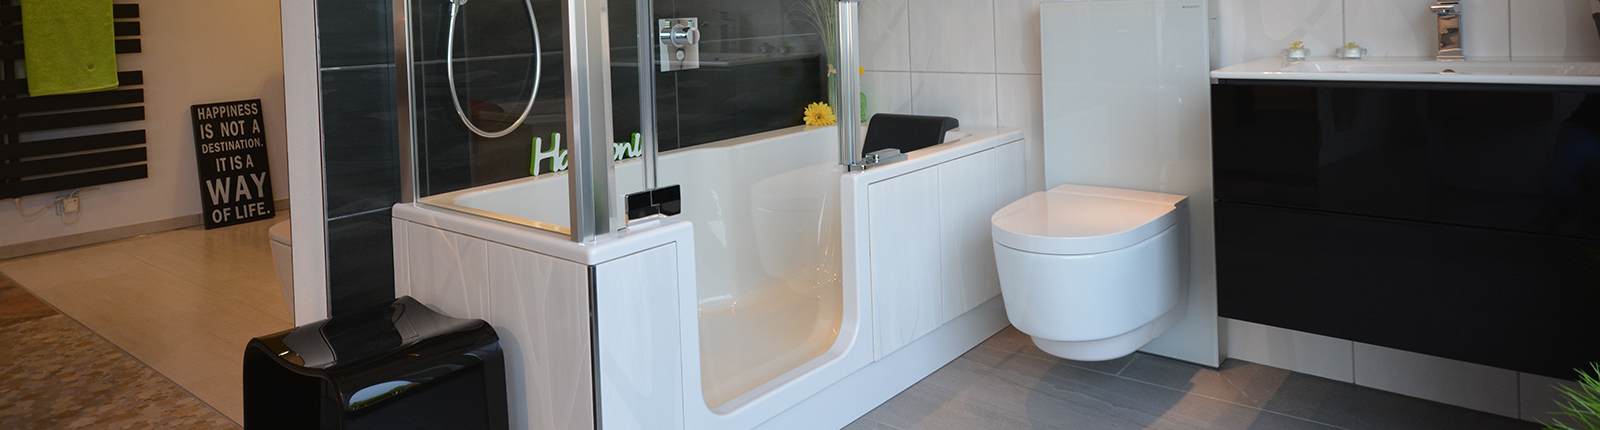 ausstellung bachmayer bachmayer untereisesheim landkreis heilbronn badrenovierung. Black Bedroom Furniture Sets. Home Design Ideas